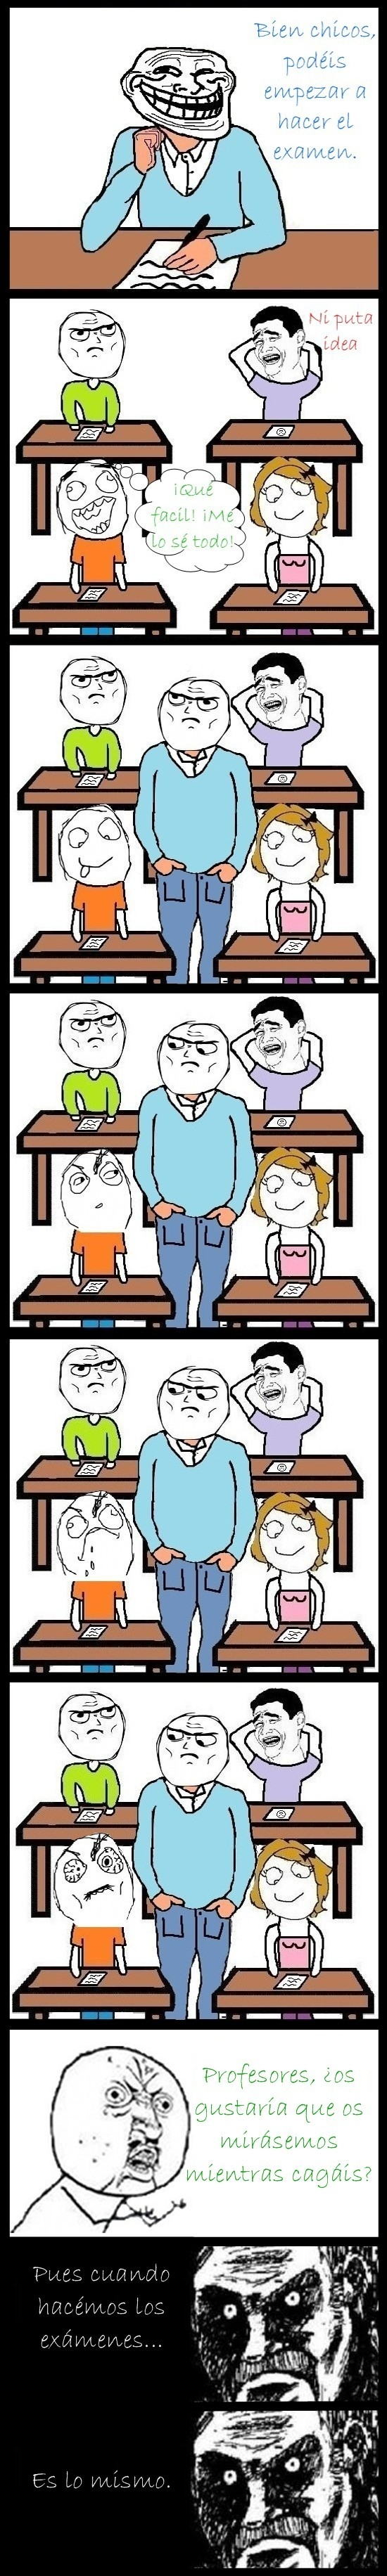 Mirada_fija - Típico comportamiento incómodo de profesores ante un examen